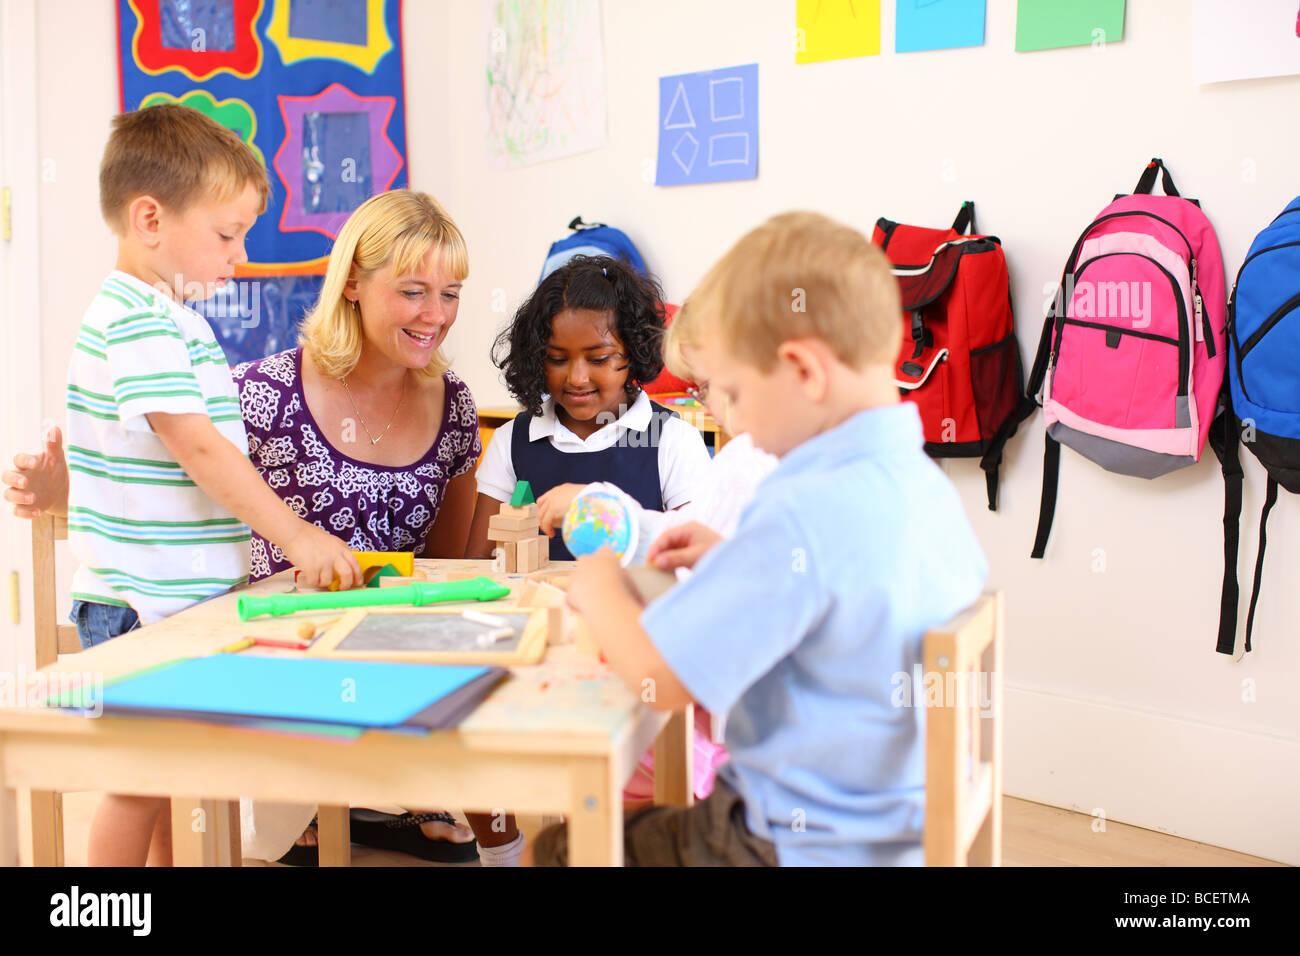 Teacher and kids in preschool classroom - Stock Image